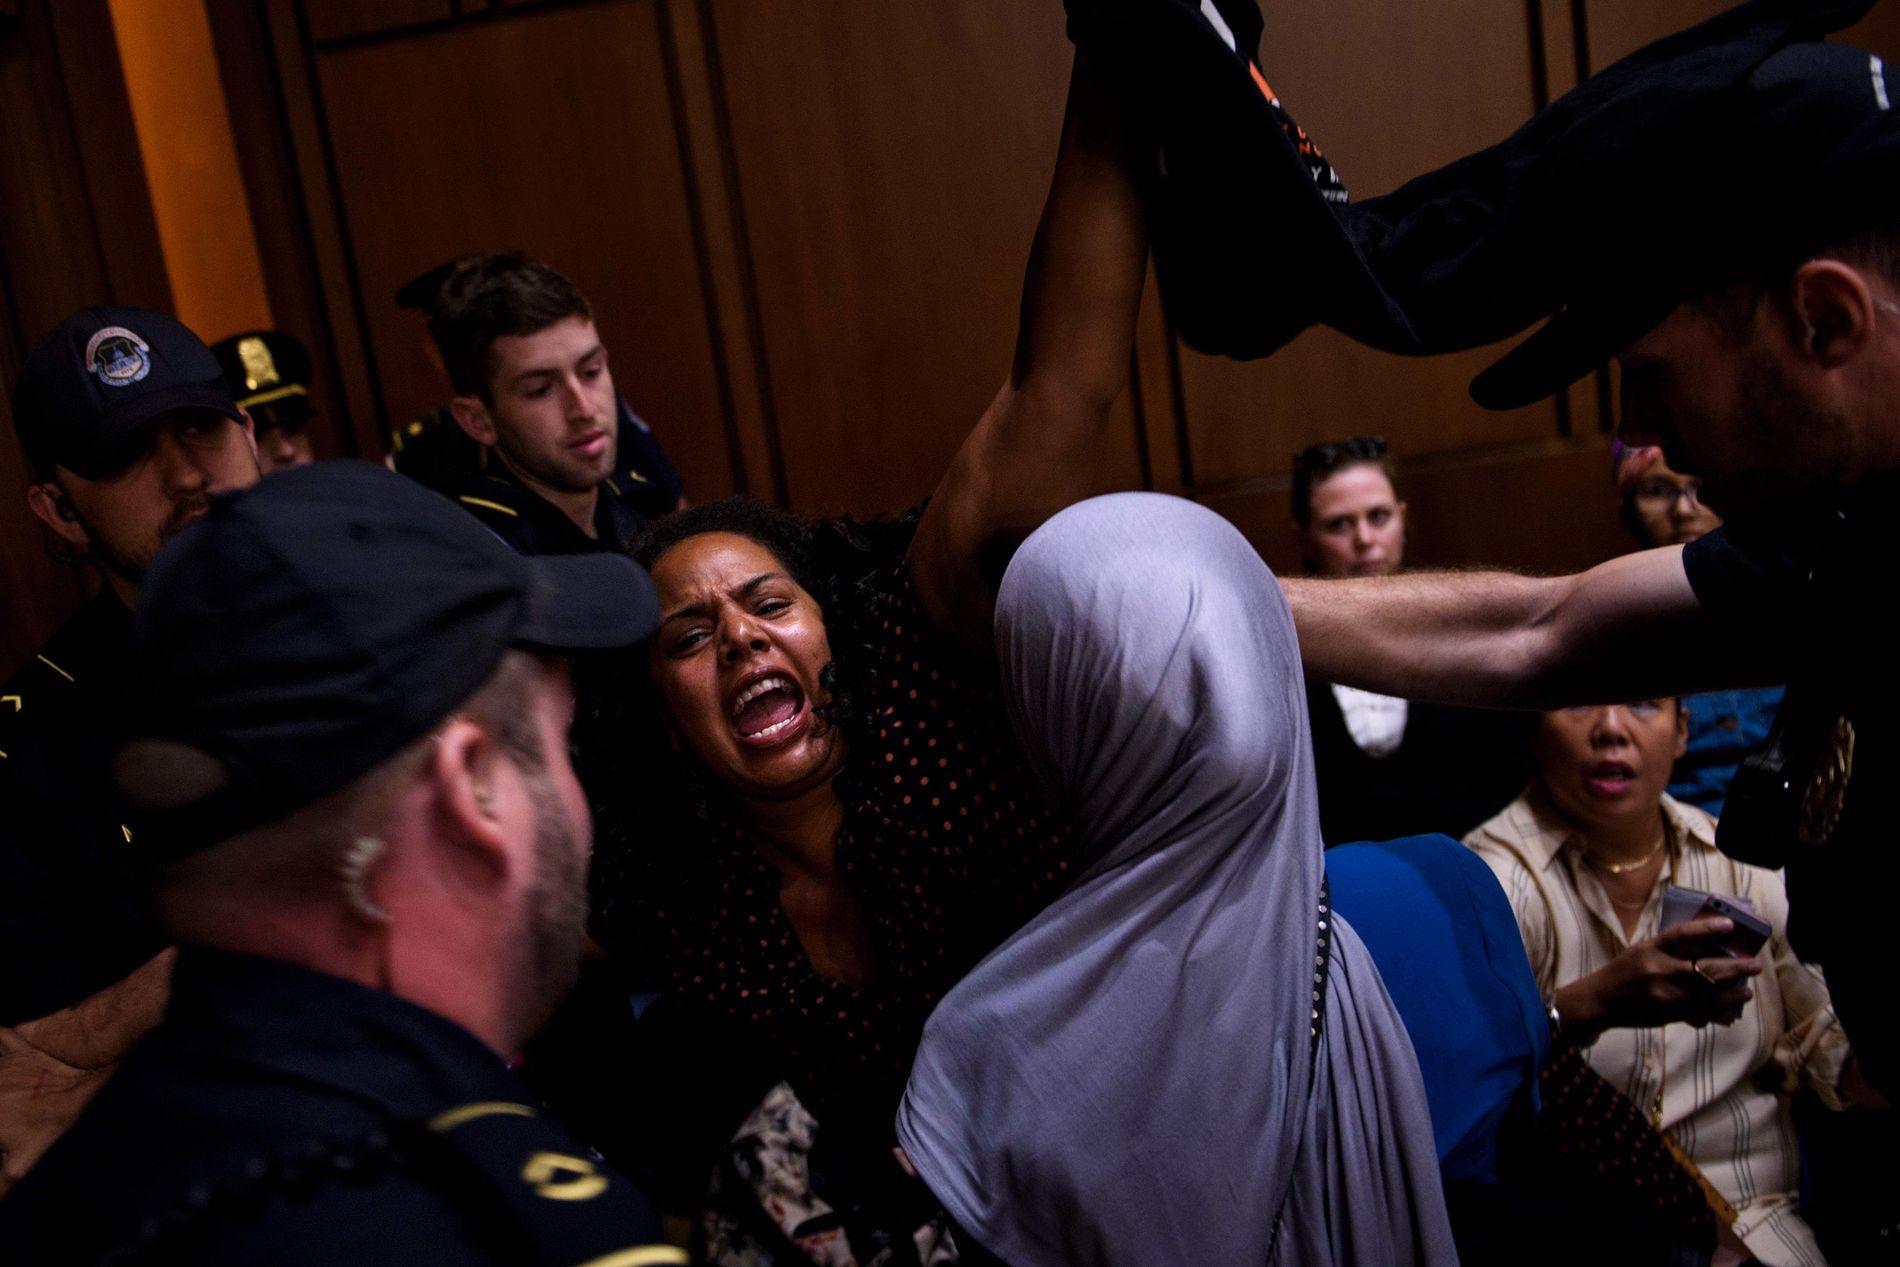 RASERI: 22 demonstranter ble arrestert da Senatets justiskomité holdt sin første høring i forbindelse med nominasjonen av Brett Kavanaugh.